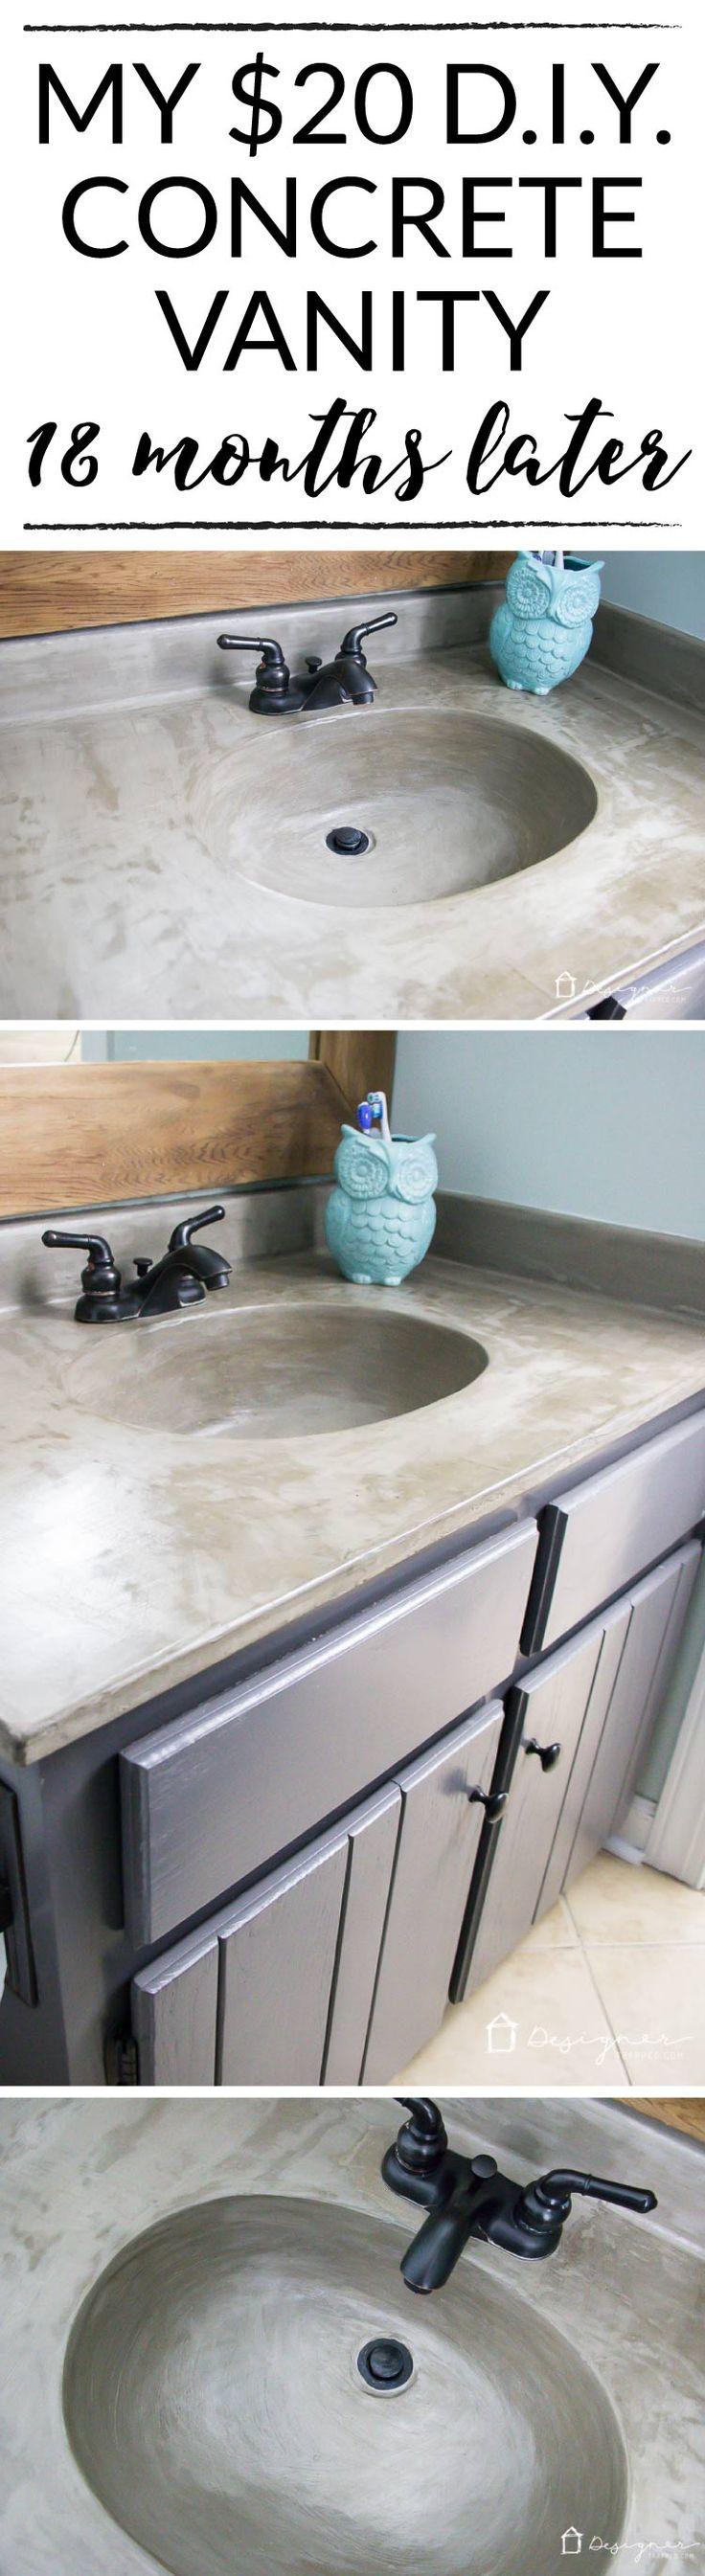 Concrete Sink Diy Best 25 Concrete Sink Ideas On Pinterest Concrete Design